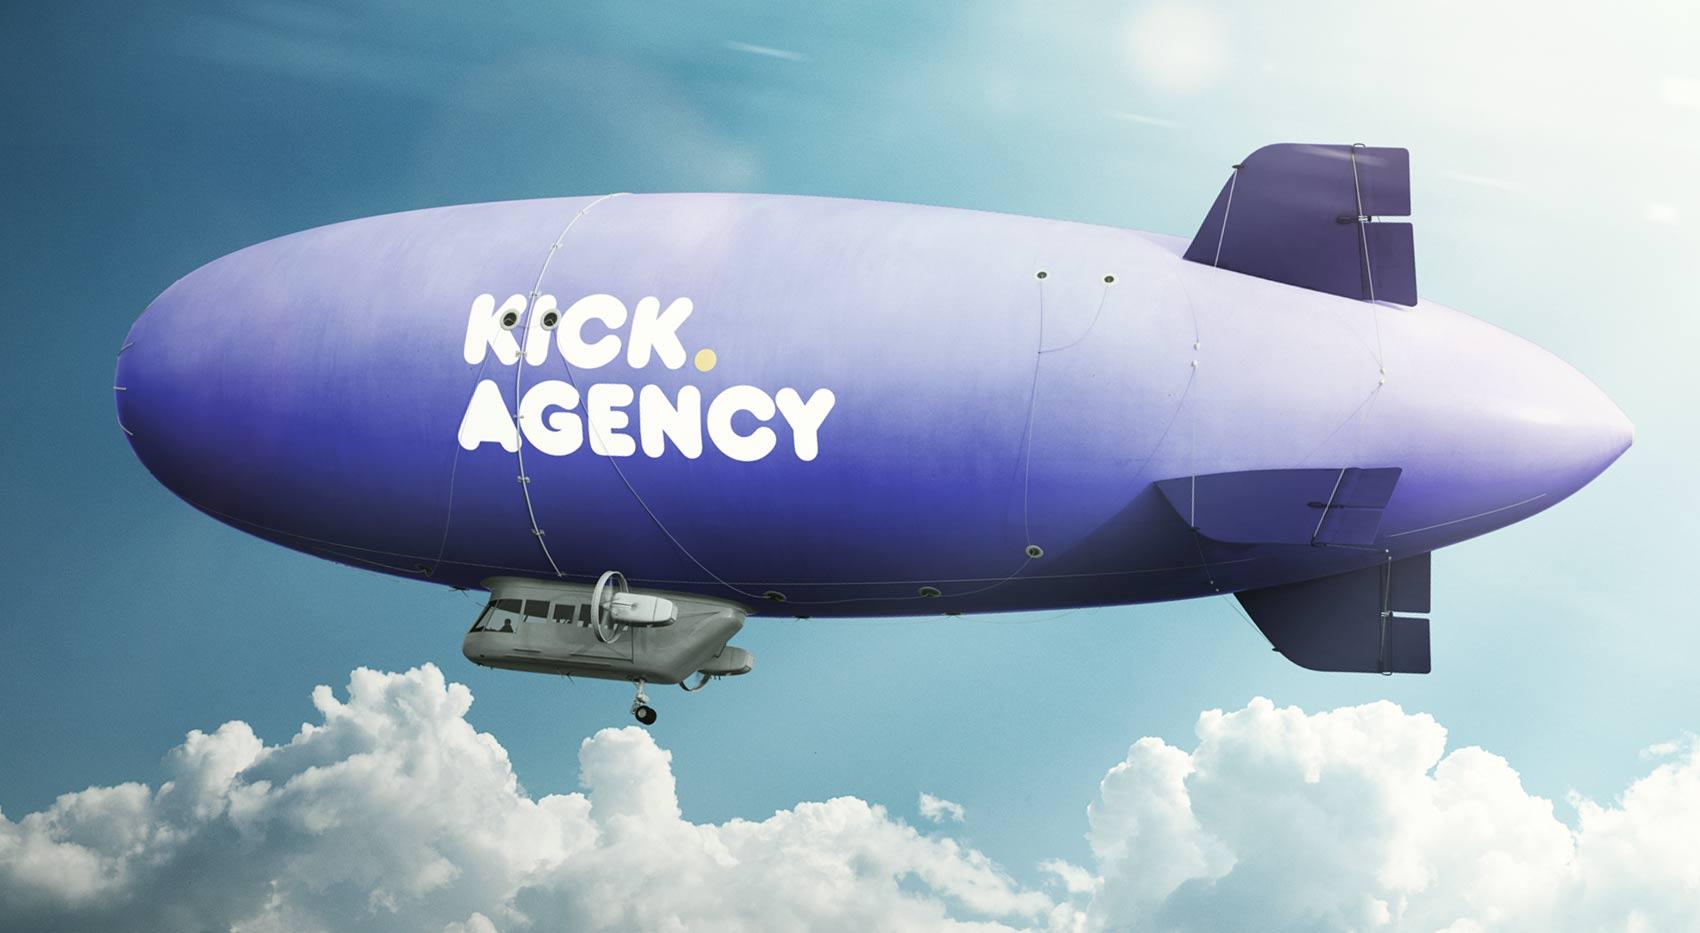 Kick.Agency